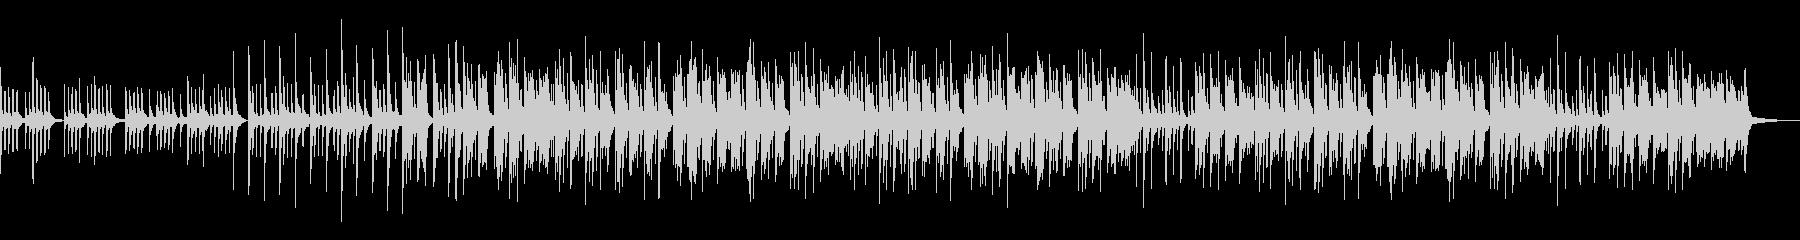 ノスタルジックなピアノソロの未再生の波形